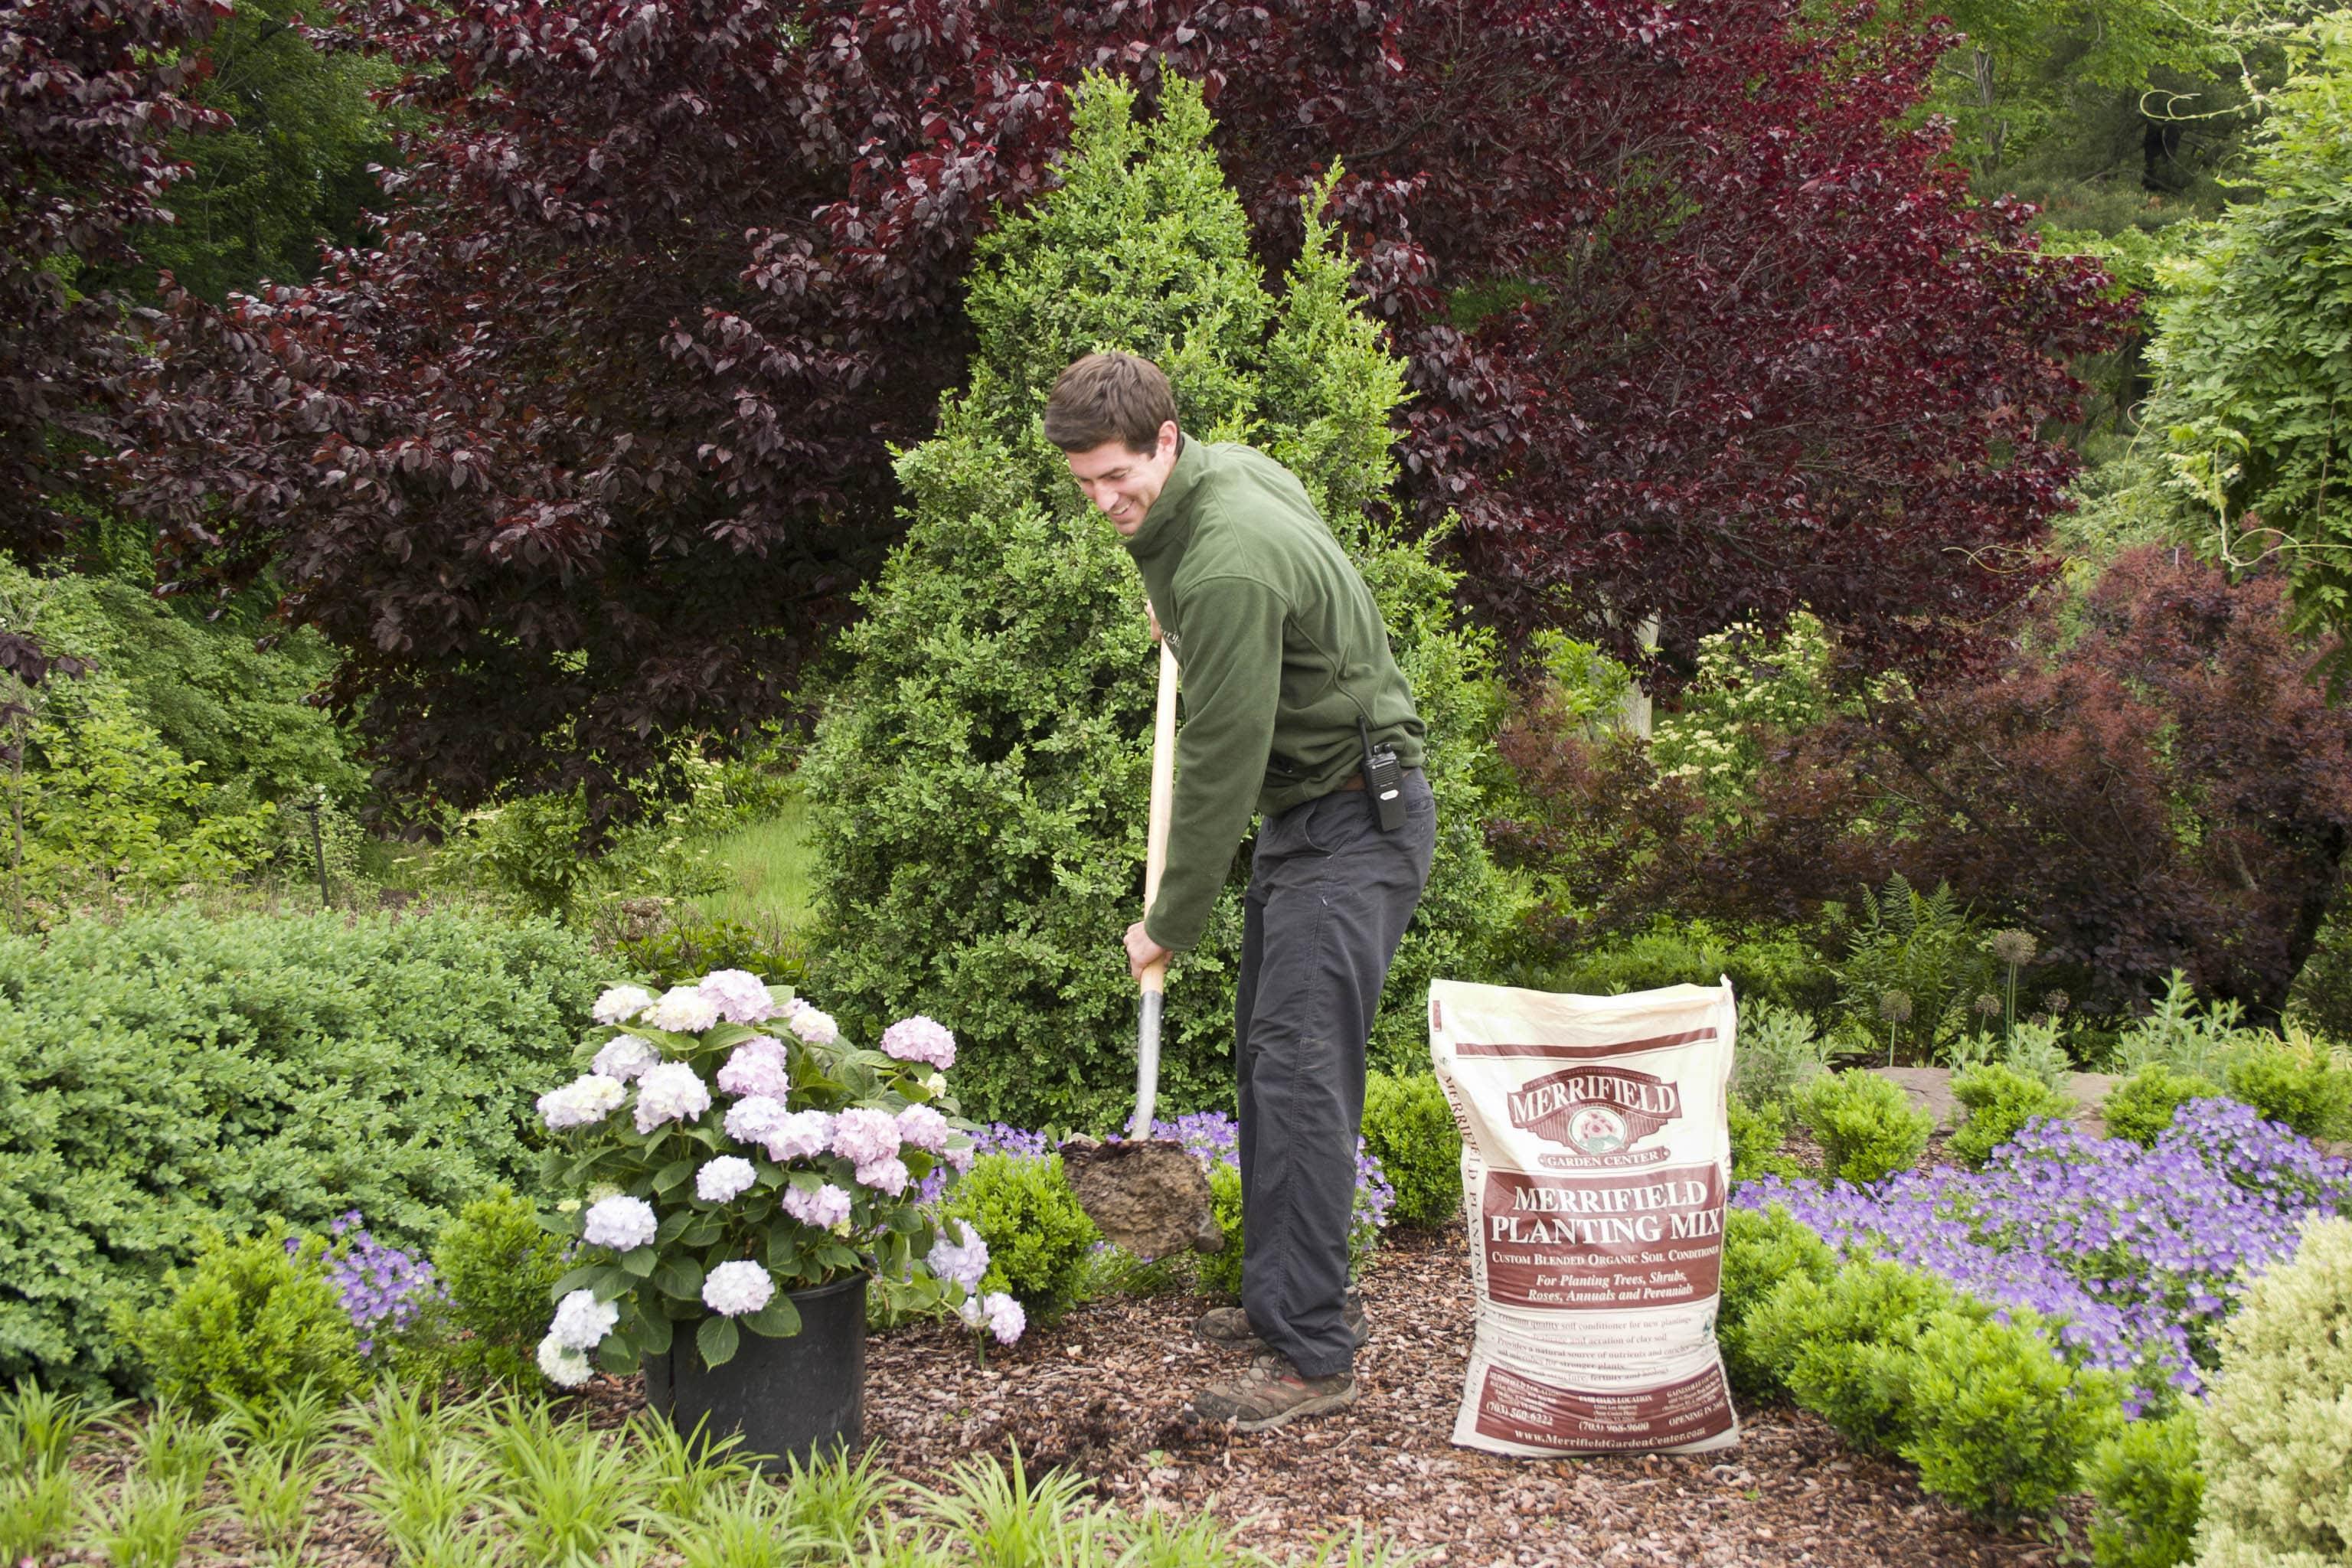 Services Plantings Deliveries Min Merrifield Garden Center